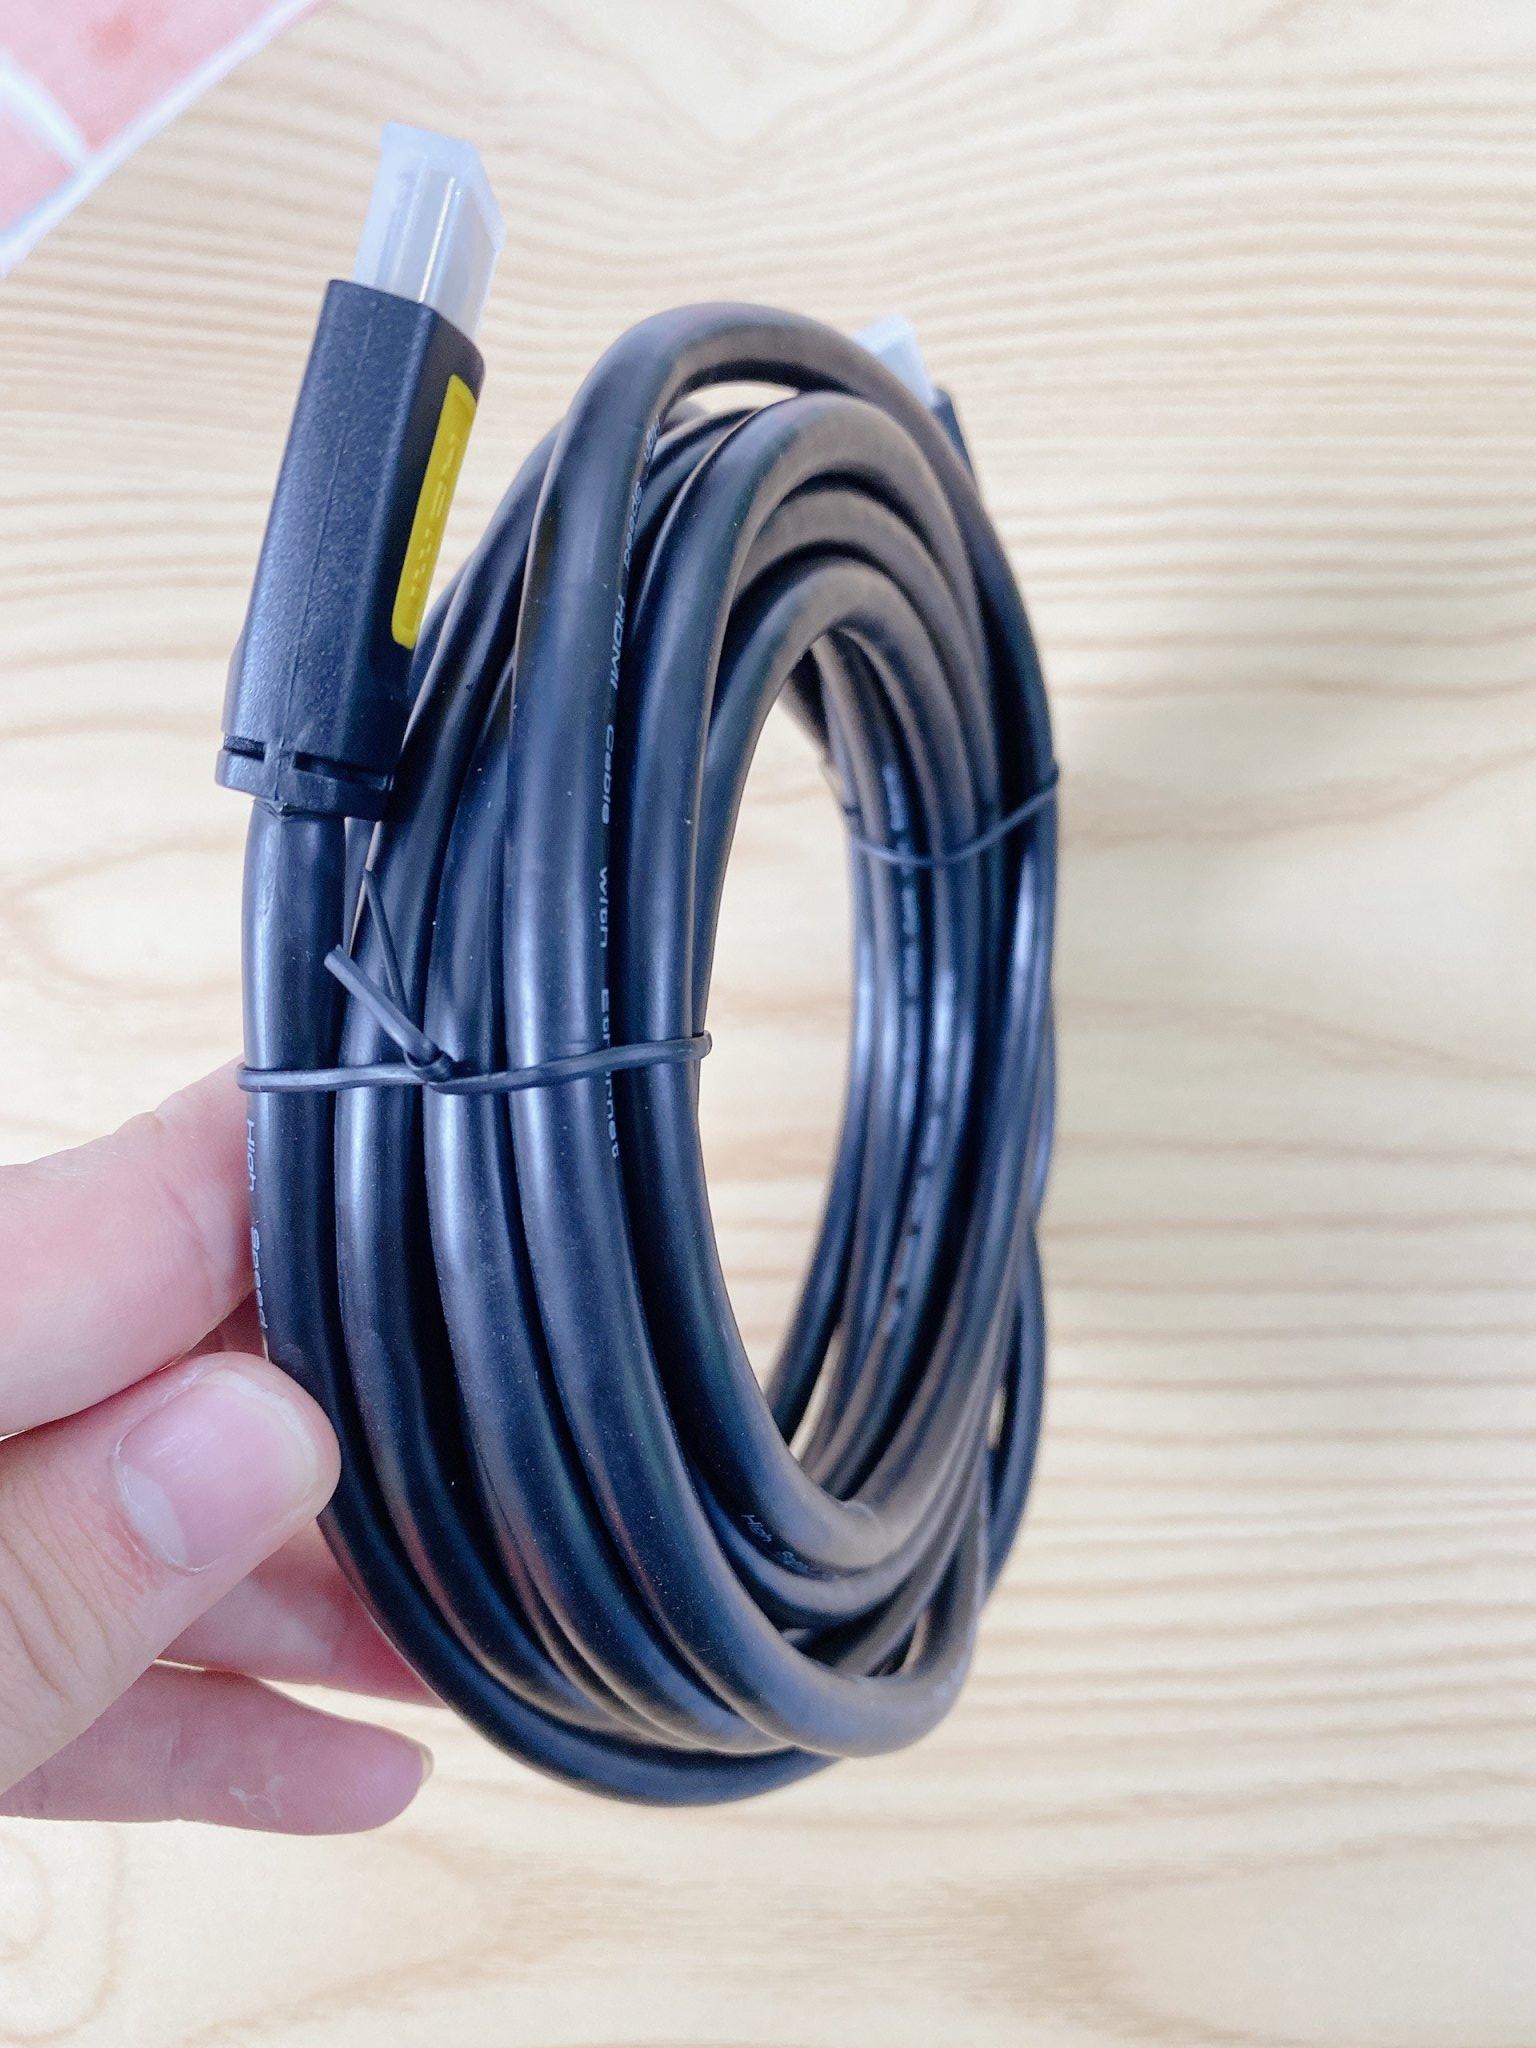 Cáp HDMI Earldom W09 dài 5m hàng chính hãng - Cáp HDMI - Displayport